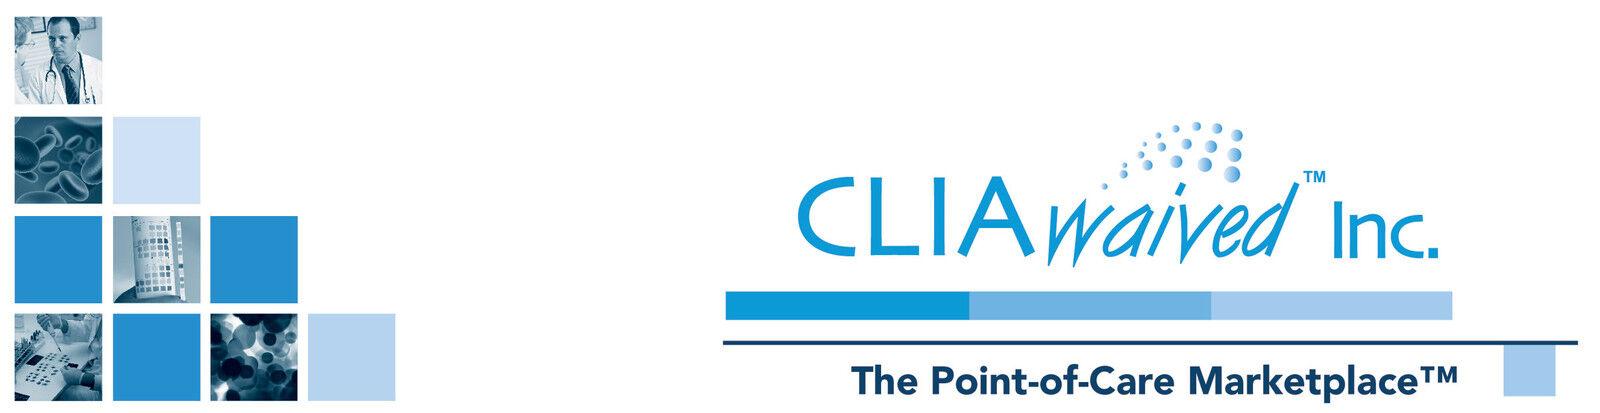 Cliawaived, Inc